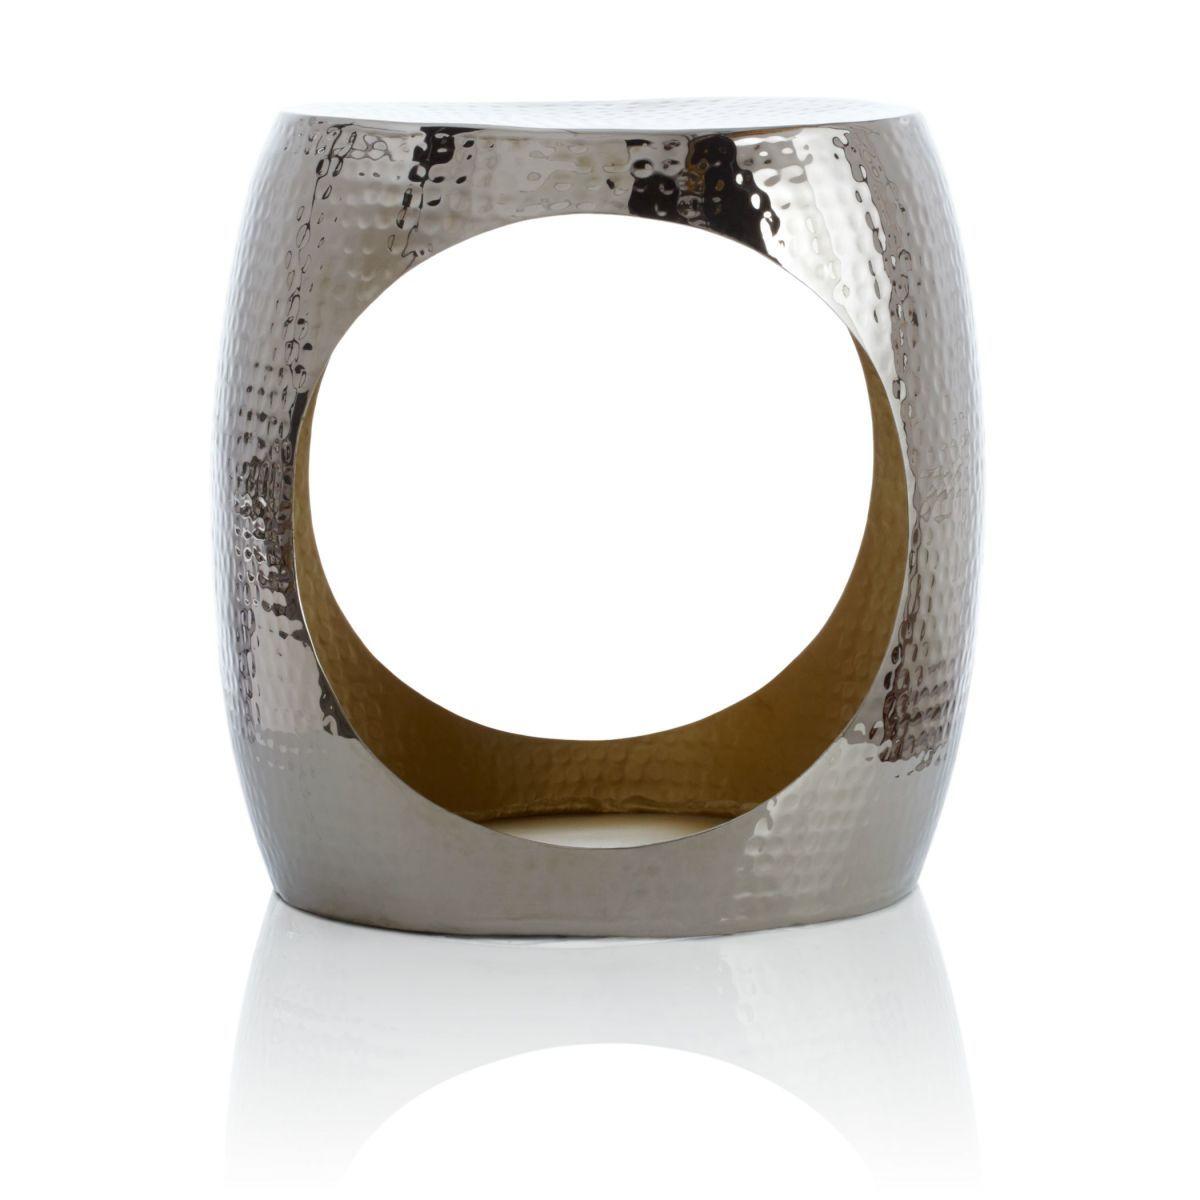 Beistelltisch Edel Metall Gehmmert Jetzt Bestellen Unter Moebelladendirektde Wohnzimmer Tische Beistelltische Uid03ea9ef7 1f0a 57e4 B3cf